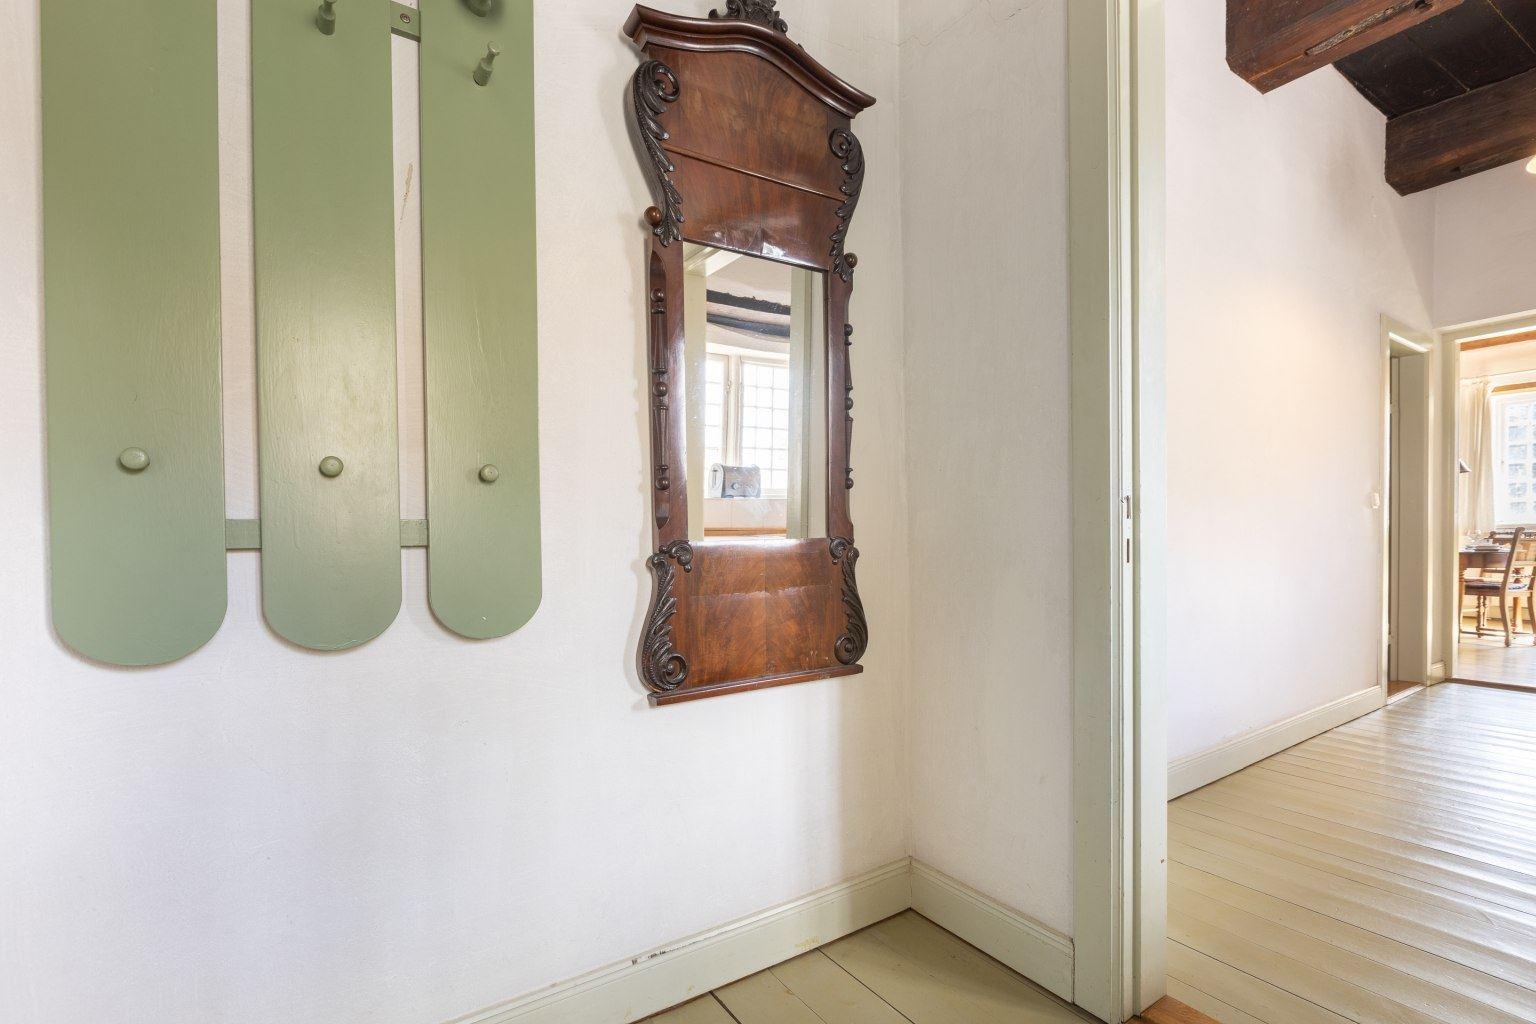 Garderobe im Eingangsbereich der Wohnung